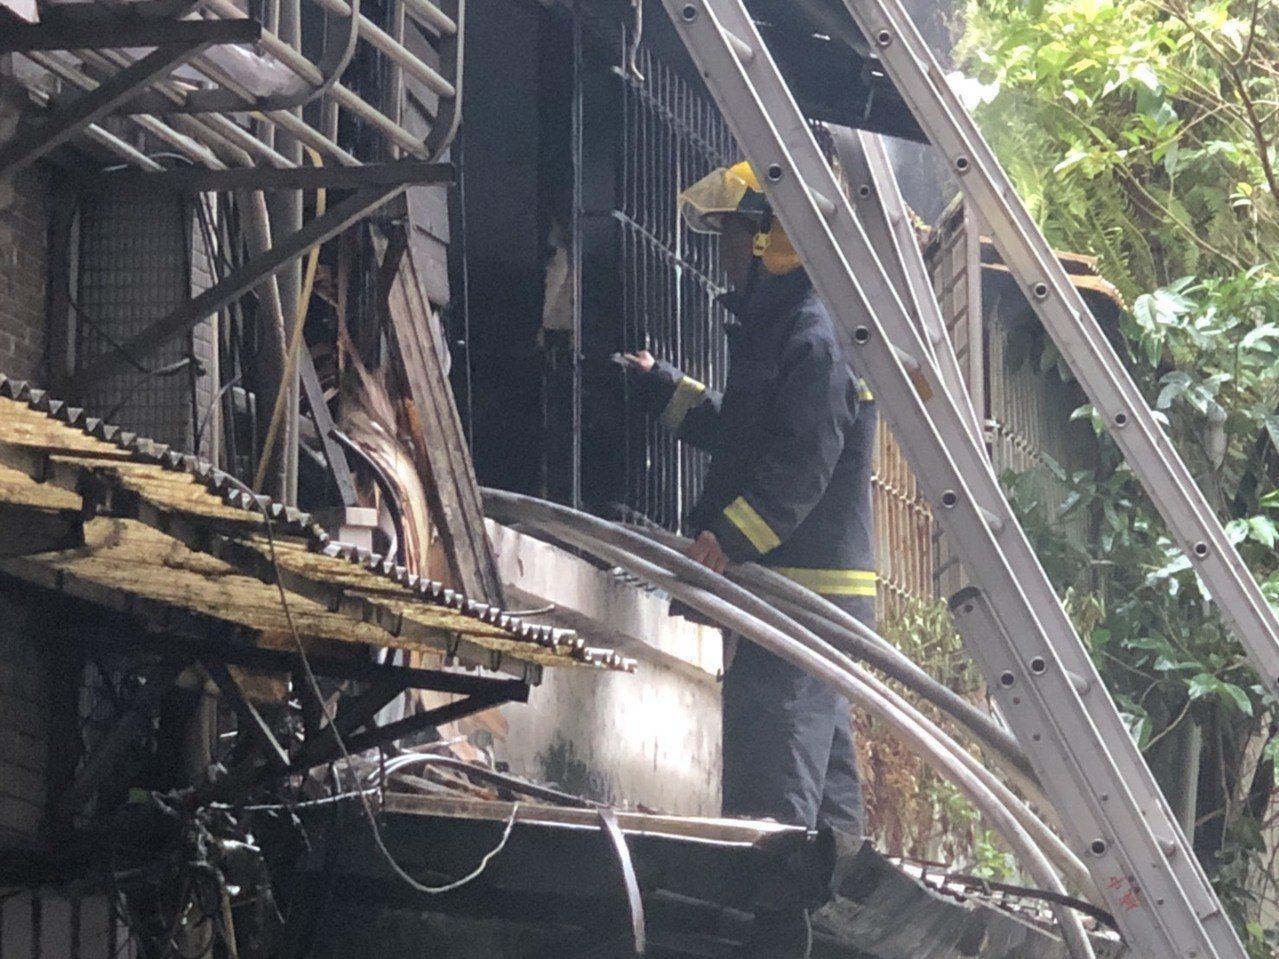 警消人員目前仍在釐清起火原因中。記者李承穎/攝影